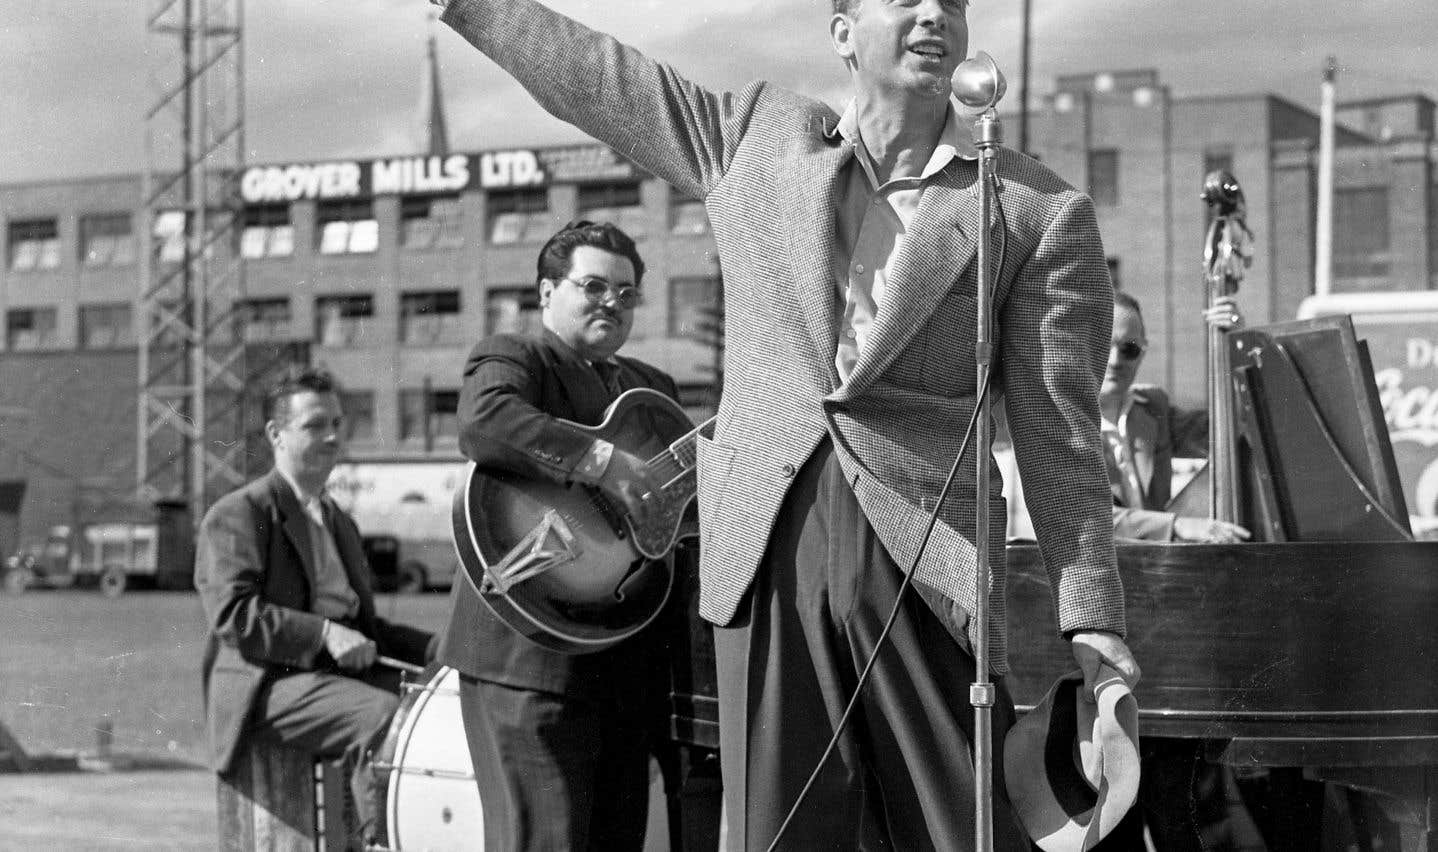 Charles Trenet donne un tour de chant lors d'un rodéo au stade De Lorimier, le 24 juillet 1946.